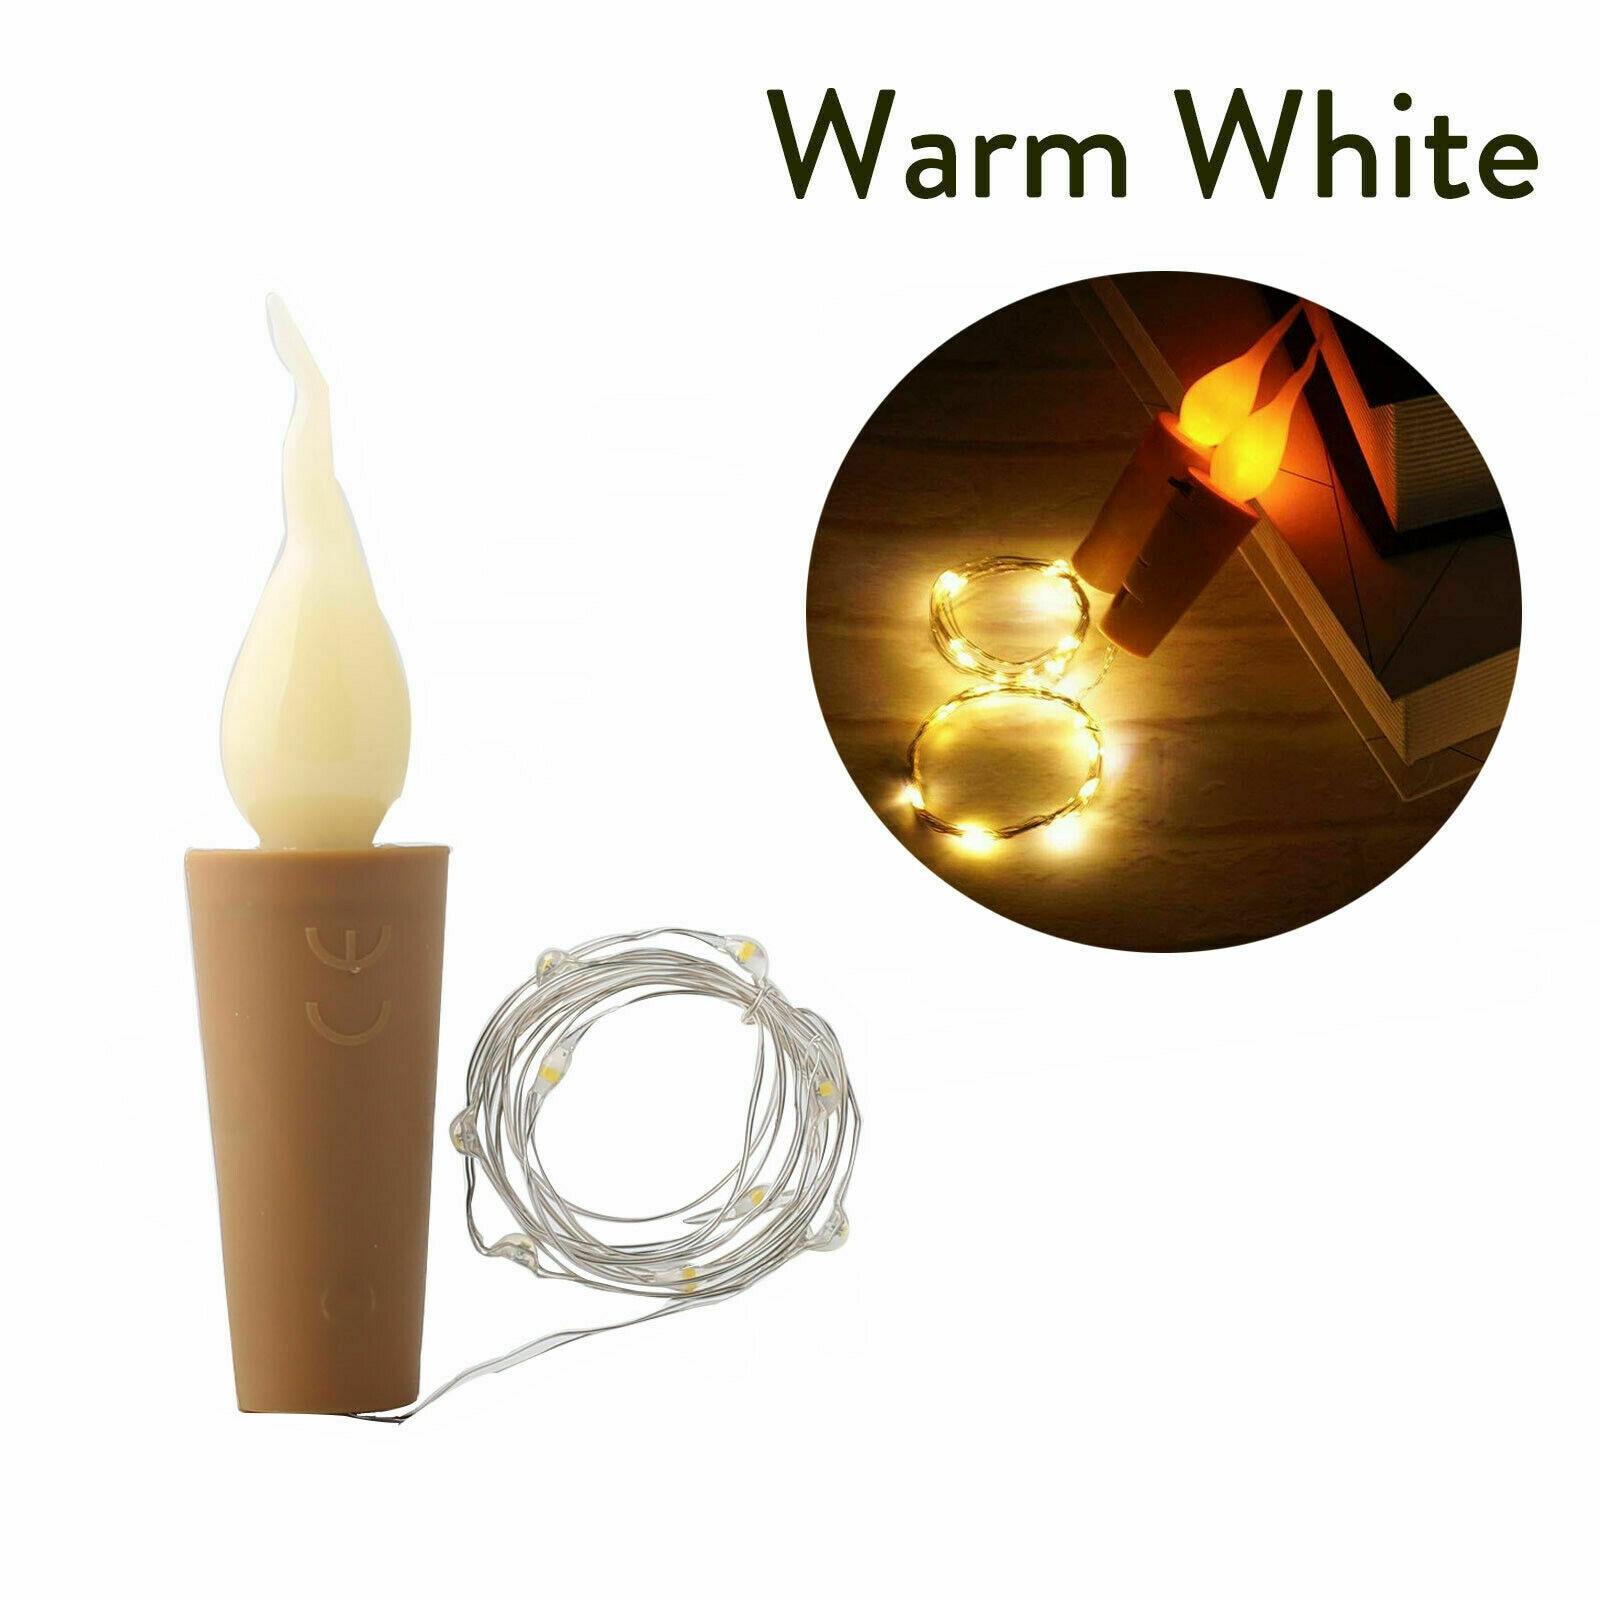 2m 20 LED batterie flamme blaze bouteille lumières LED liège forme chaîne lumières Bistro vin étoilé Bar fête saint valentin nuit lumière